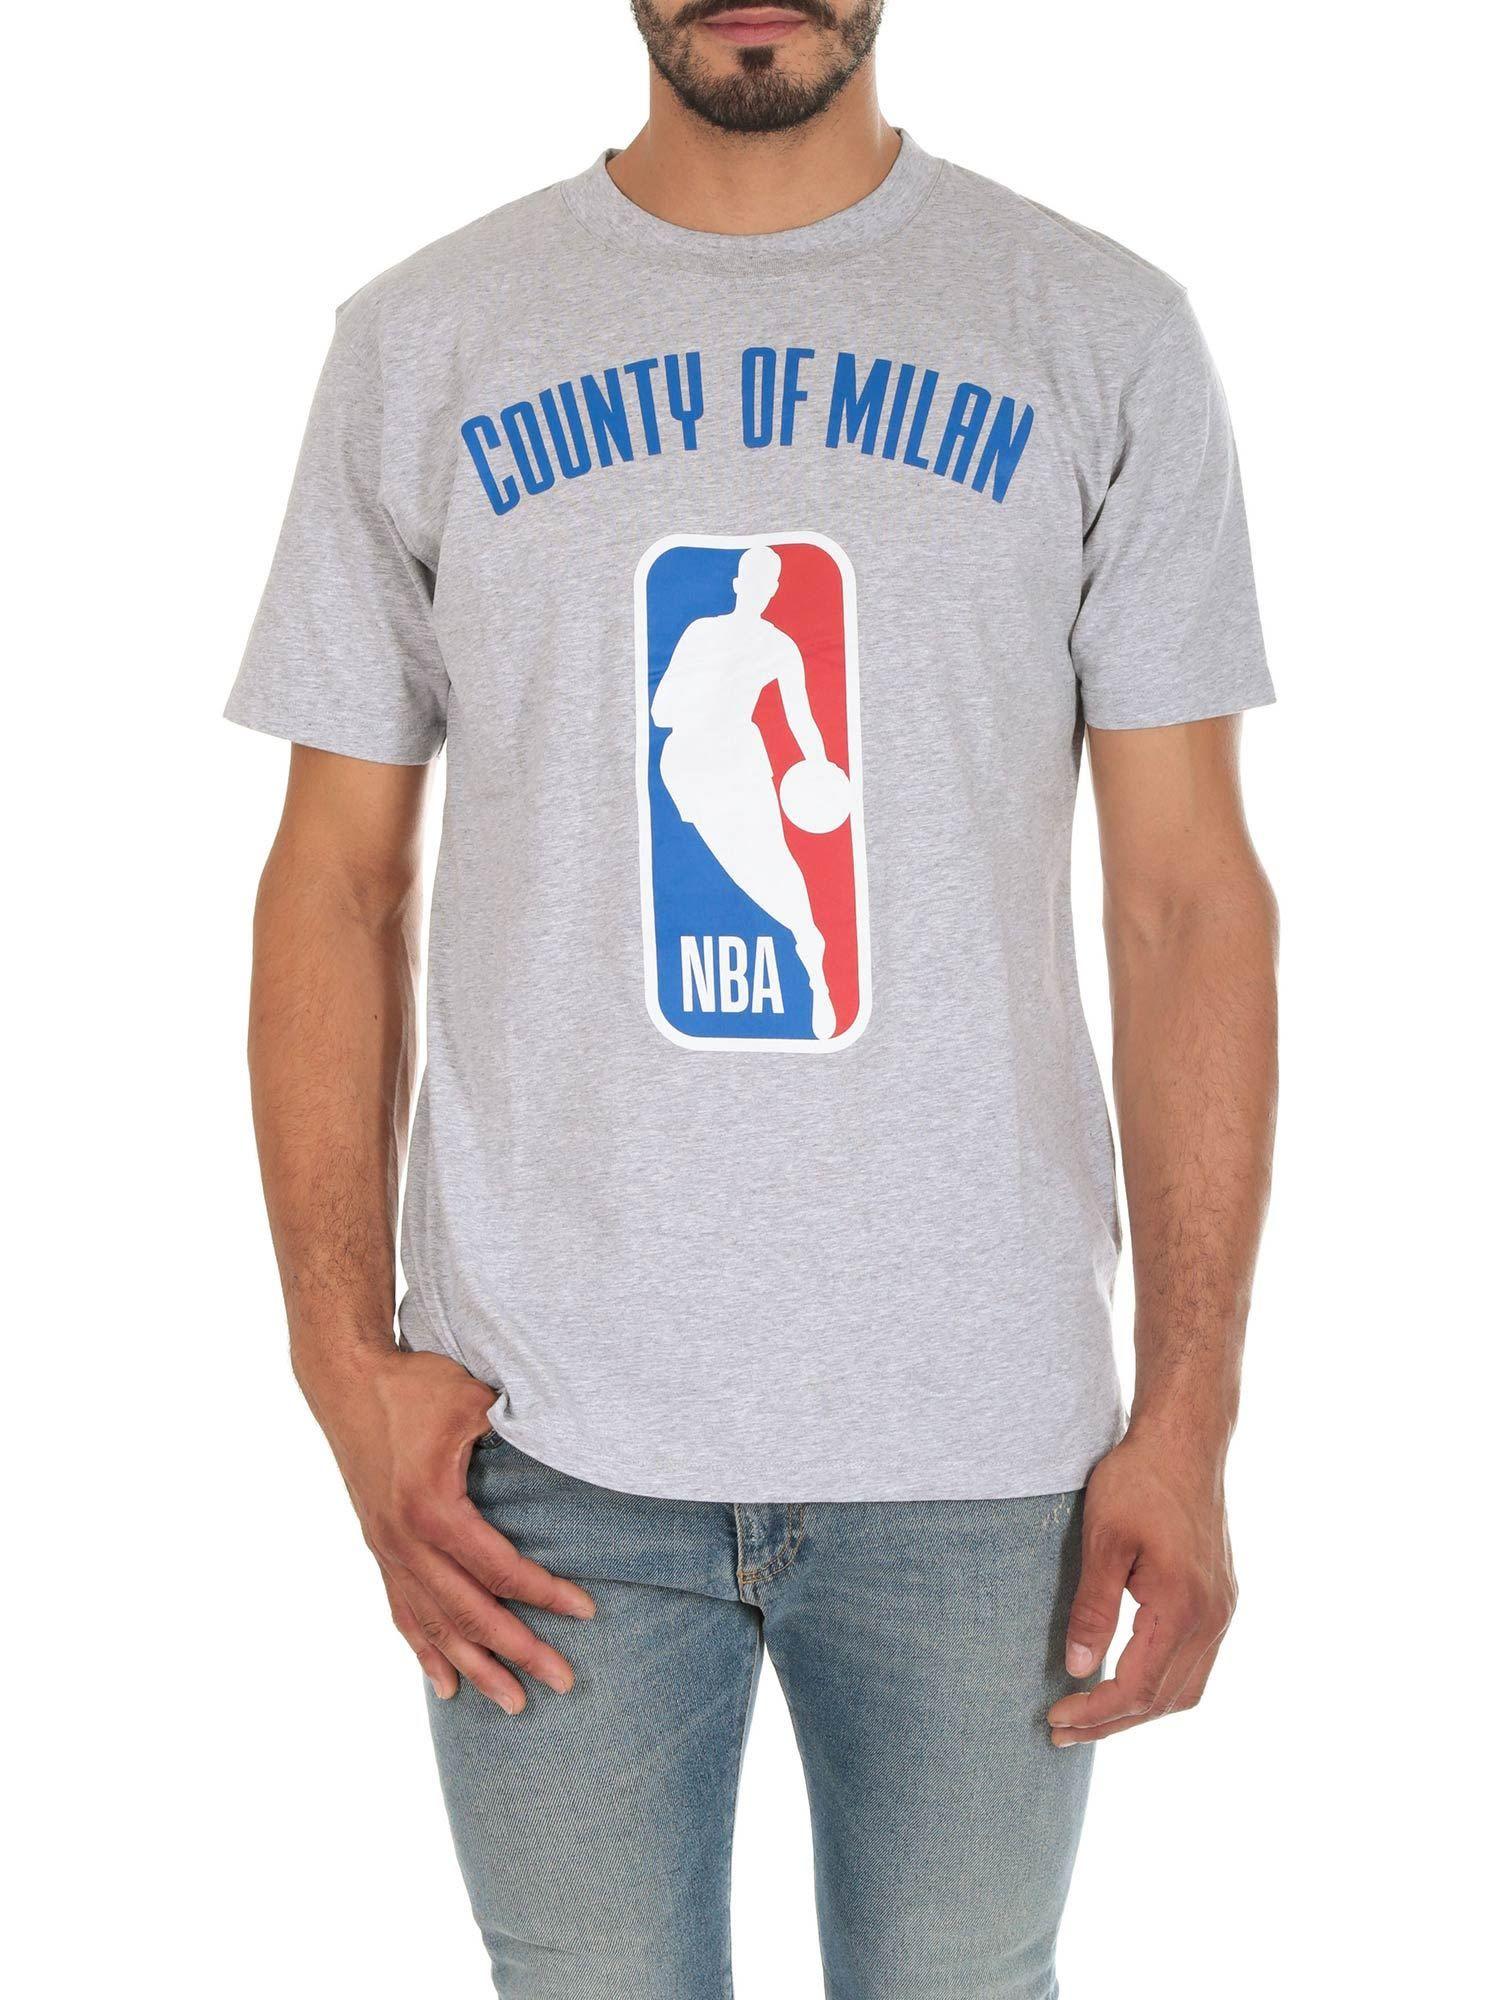 f9c41cf2b MARCELO BURLON COUNTY OF MILAN NBA T-SHIRT.  marceloburloncountyofmilan   cloth